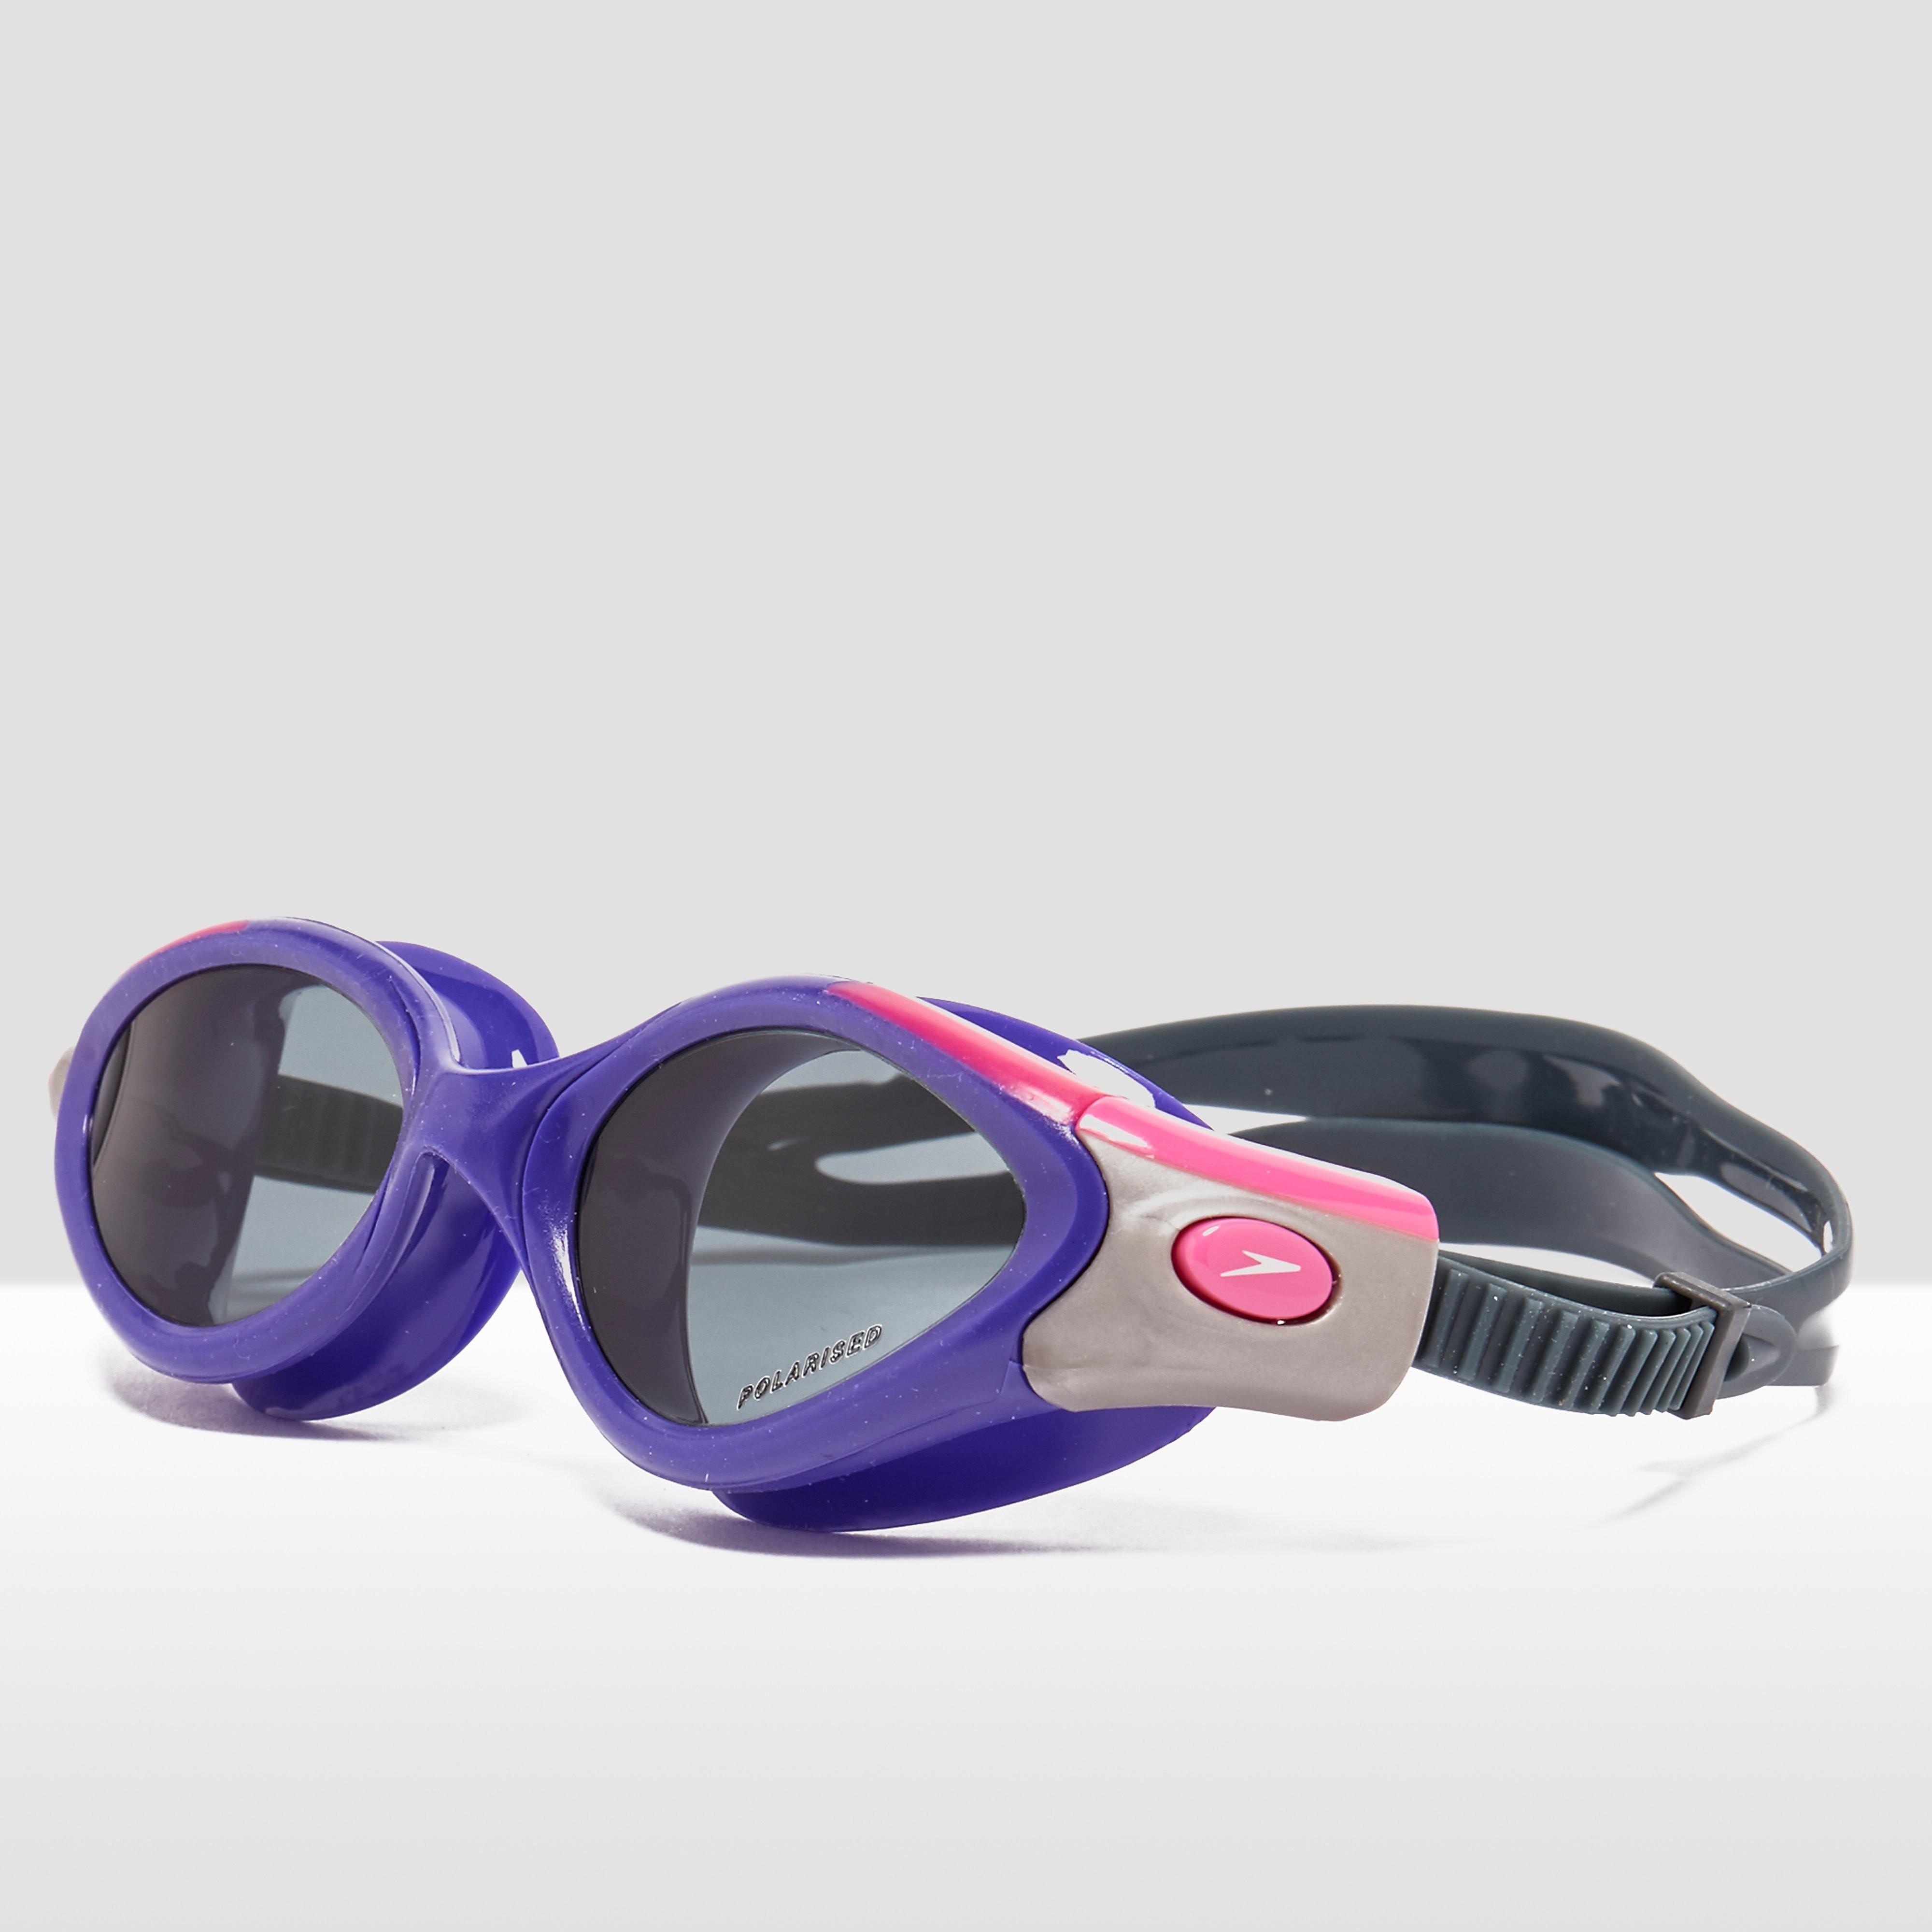 Speedo Women's Futura Biofuse 2 Polarised Swimming Women's Goggles